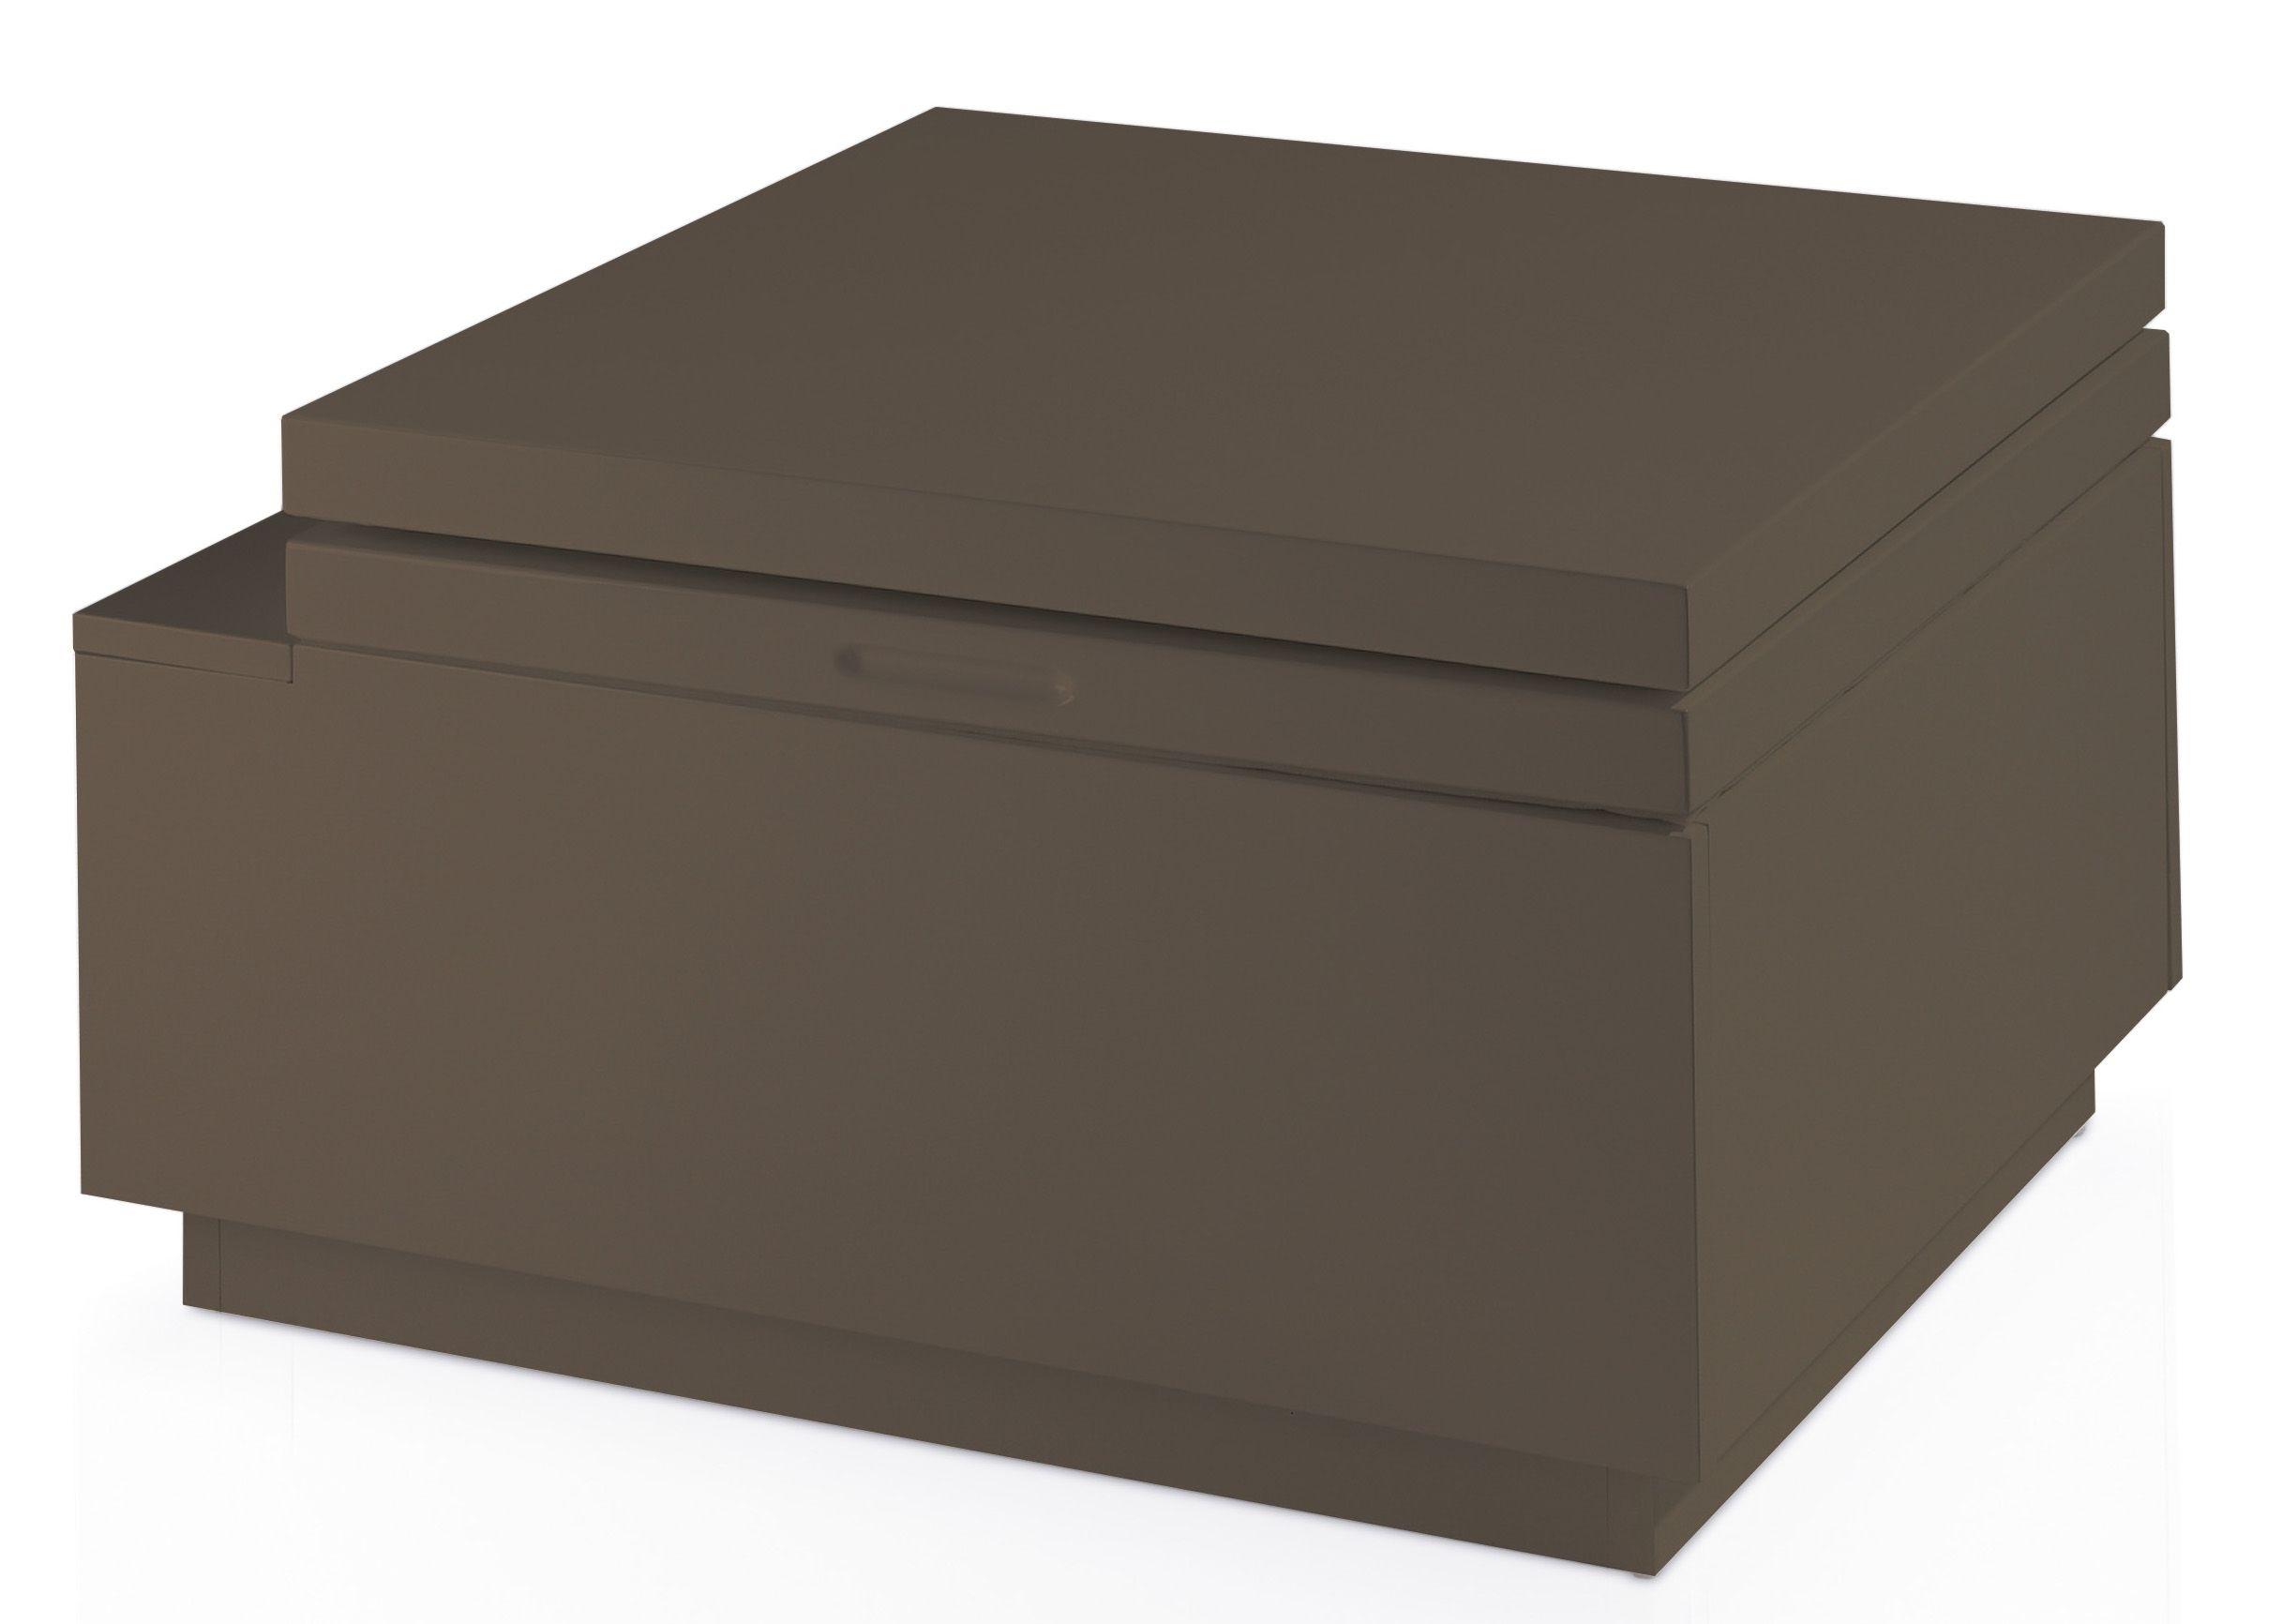 Designer Table Basse Relevable Laquee Marron Kuba Lestendances Fr En 2020 Table Basse Relevable Table Basse Table Basse Moderne